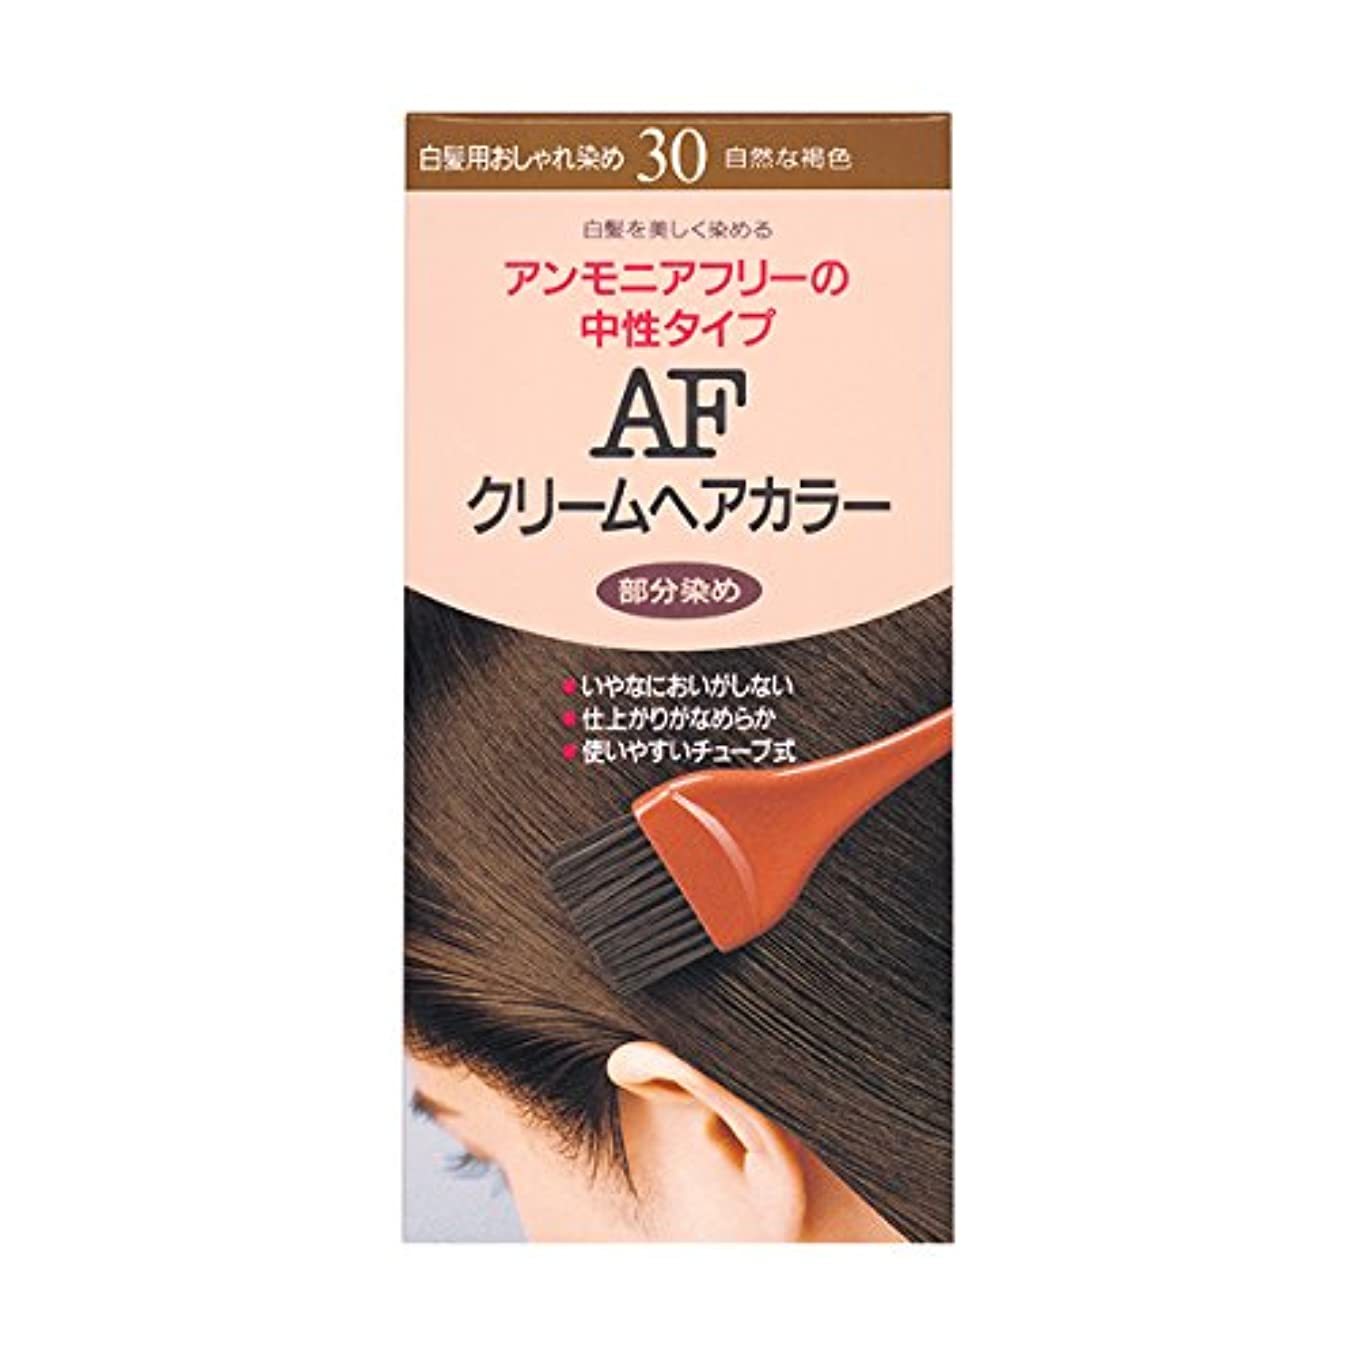 十聖なる論理ヘアカラー AFクリームヘアカラー 30 【医薬部外品】